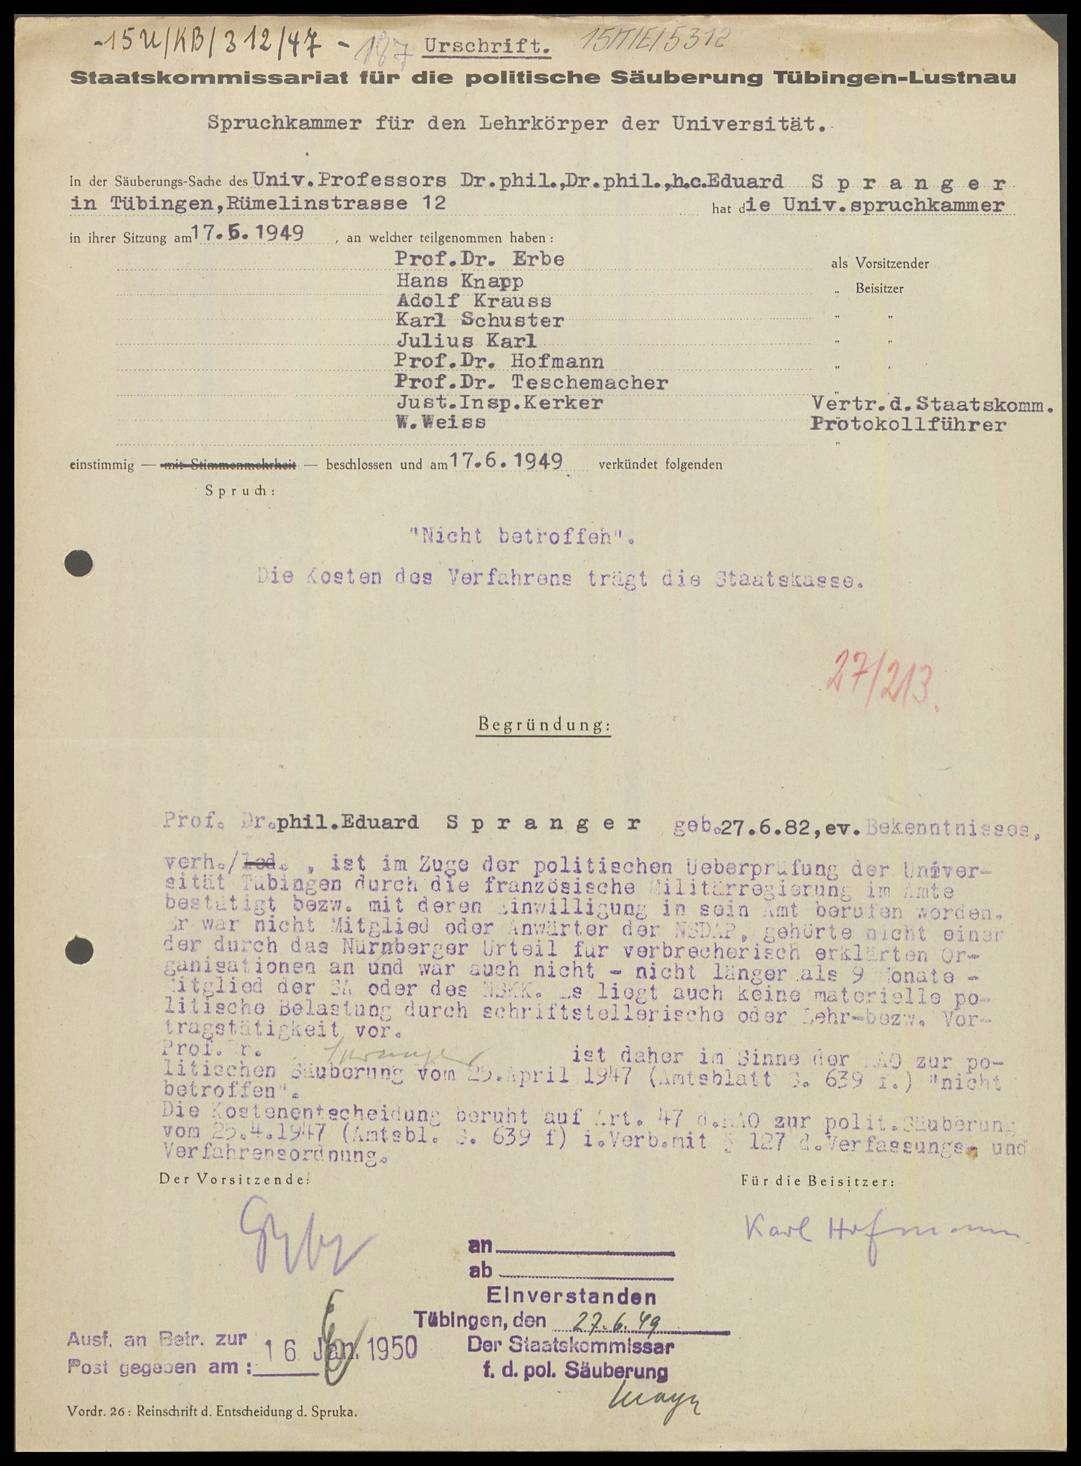 Spranger, Eduard, Prof. Dr. phil., Bild 1